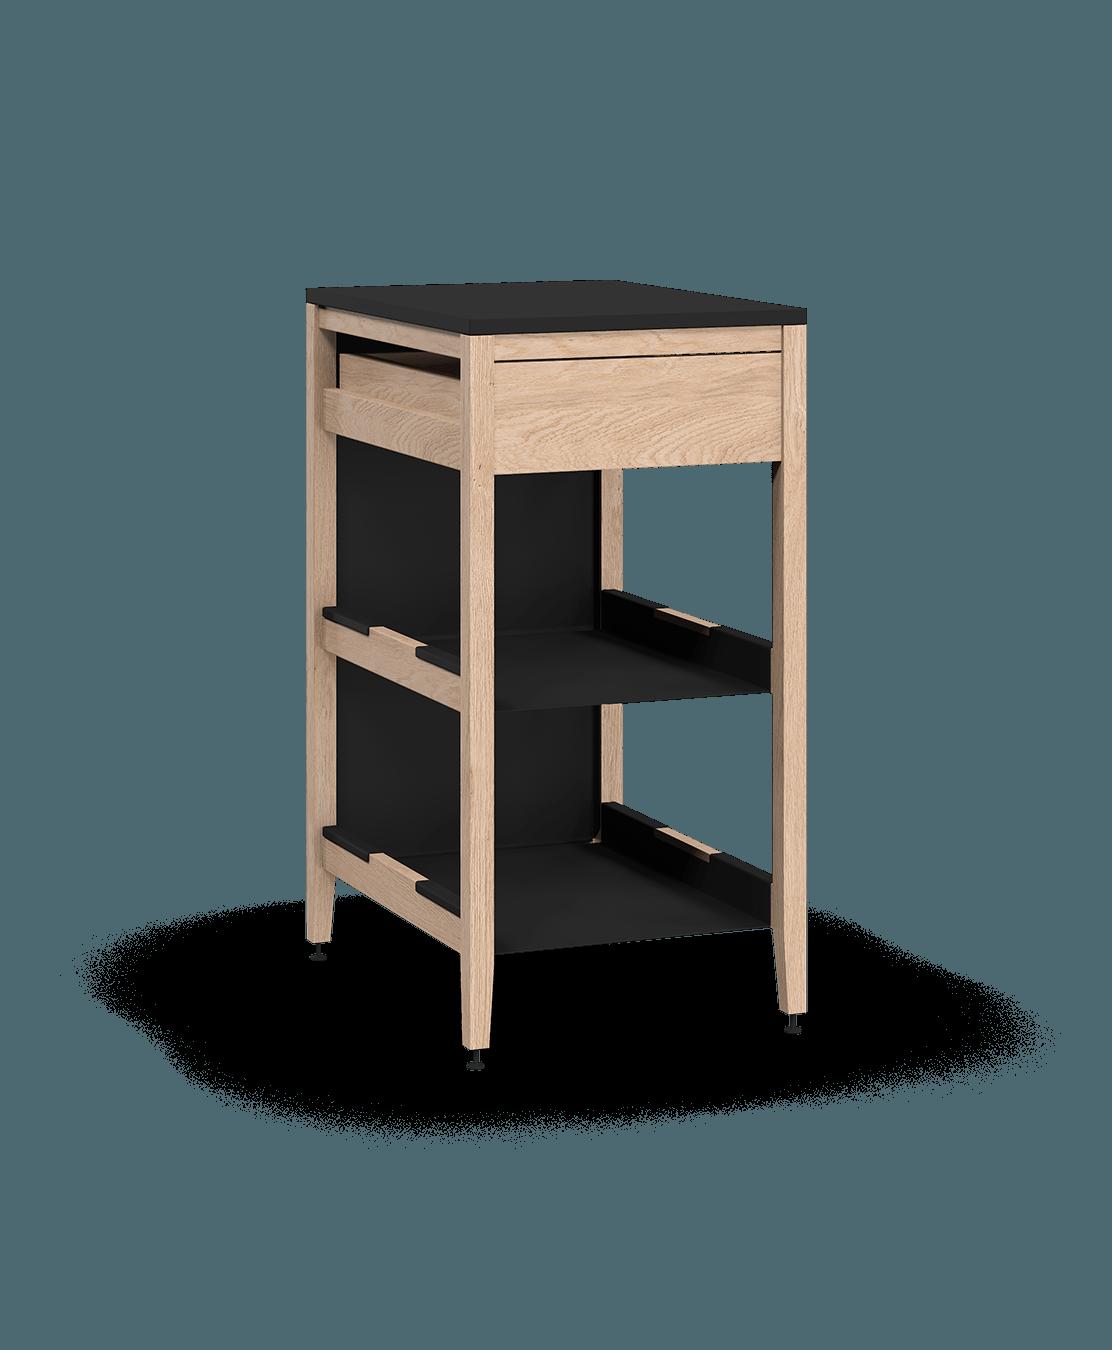 armoire de cuisine modulaire inférieure en bois massif coquo radix avec 2 tablettes 1 tiroir chêne blanc 21 pouces C1-C-21TB-1022-NA